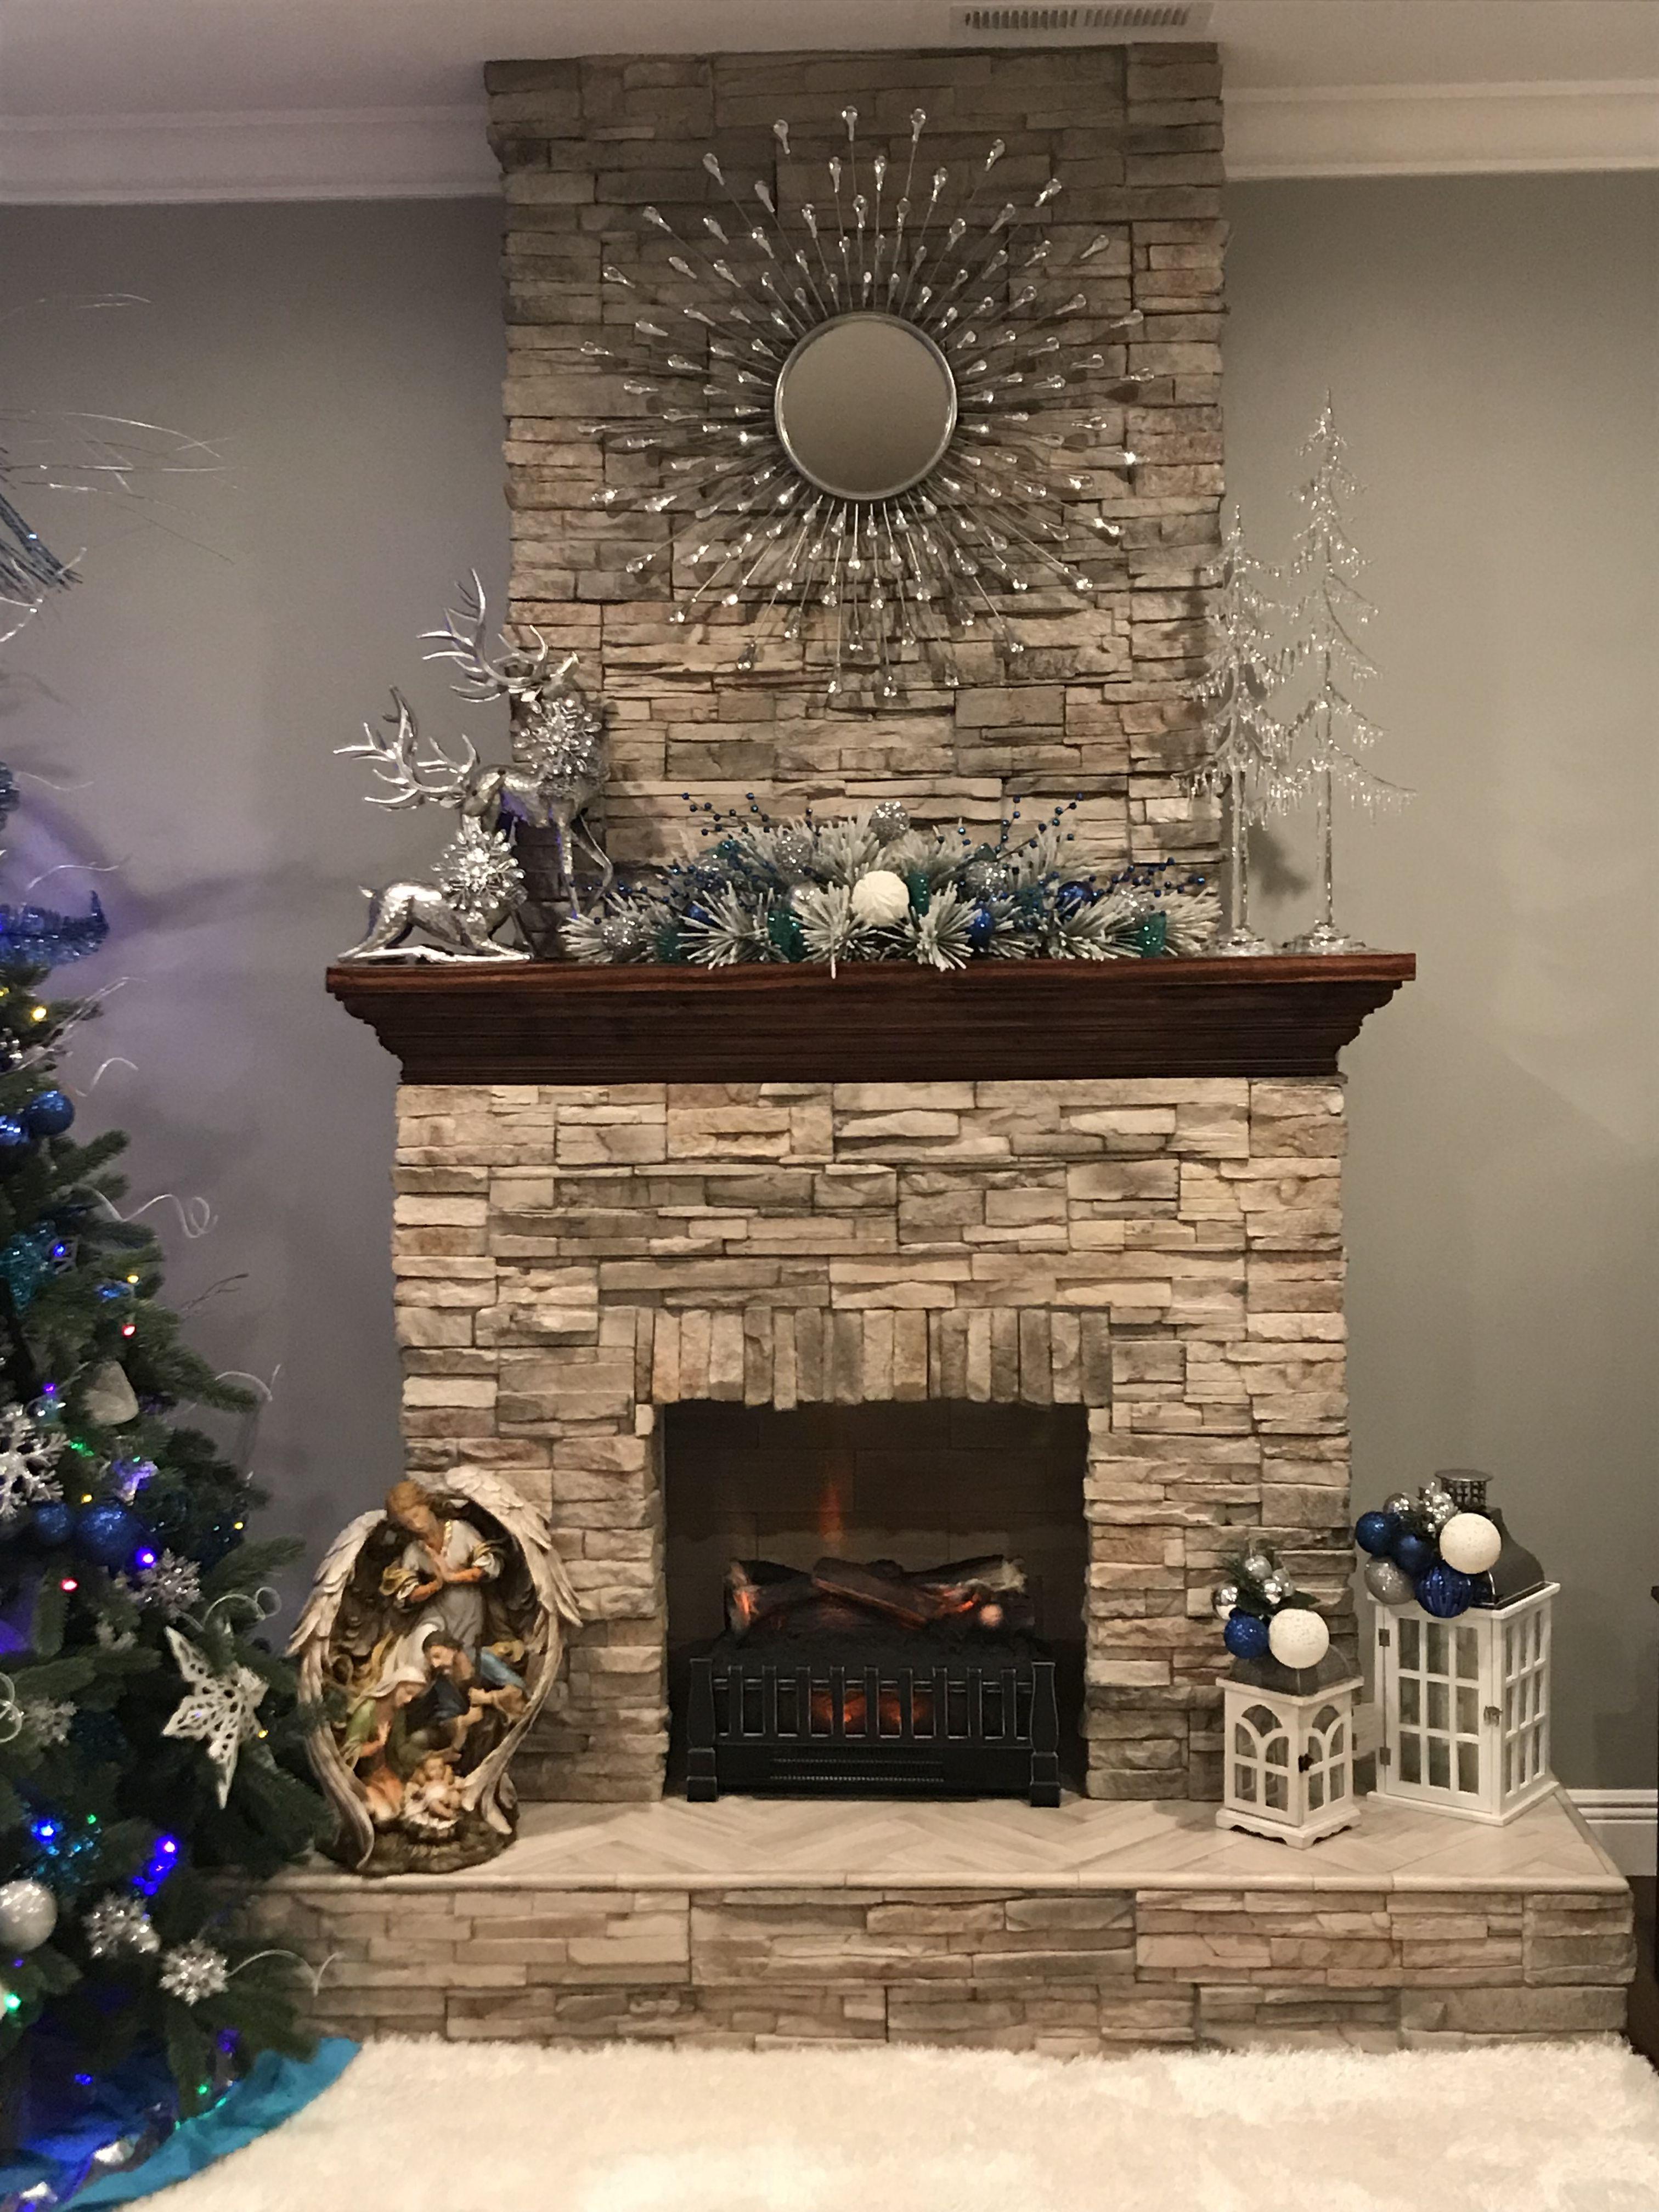 Fireplace Christmas Christmas Decor Blue And Silver Ornaments Navidad Chimenea Adornos De Navida Chimeneas De Pared Chimeneas Modernas Diseno De Chimenea